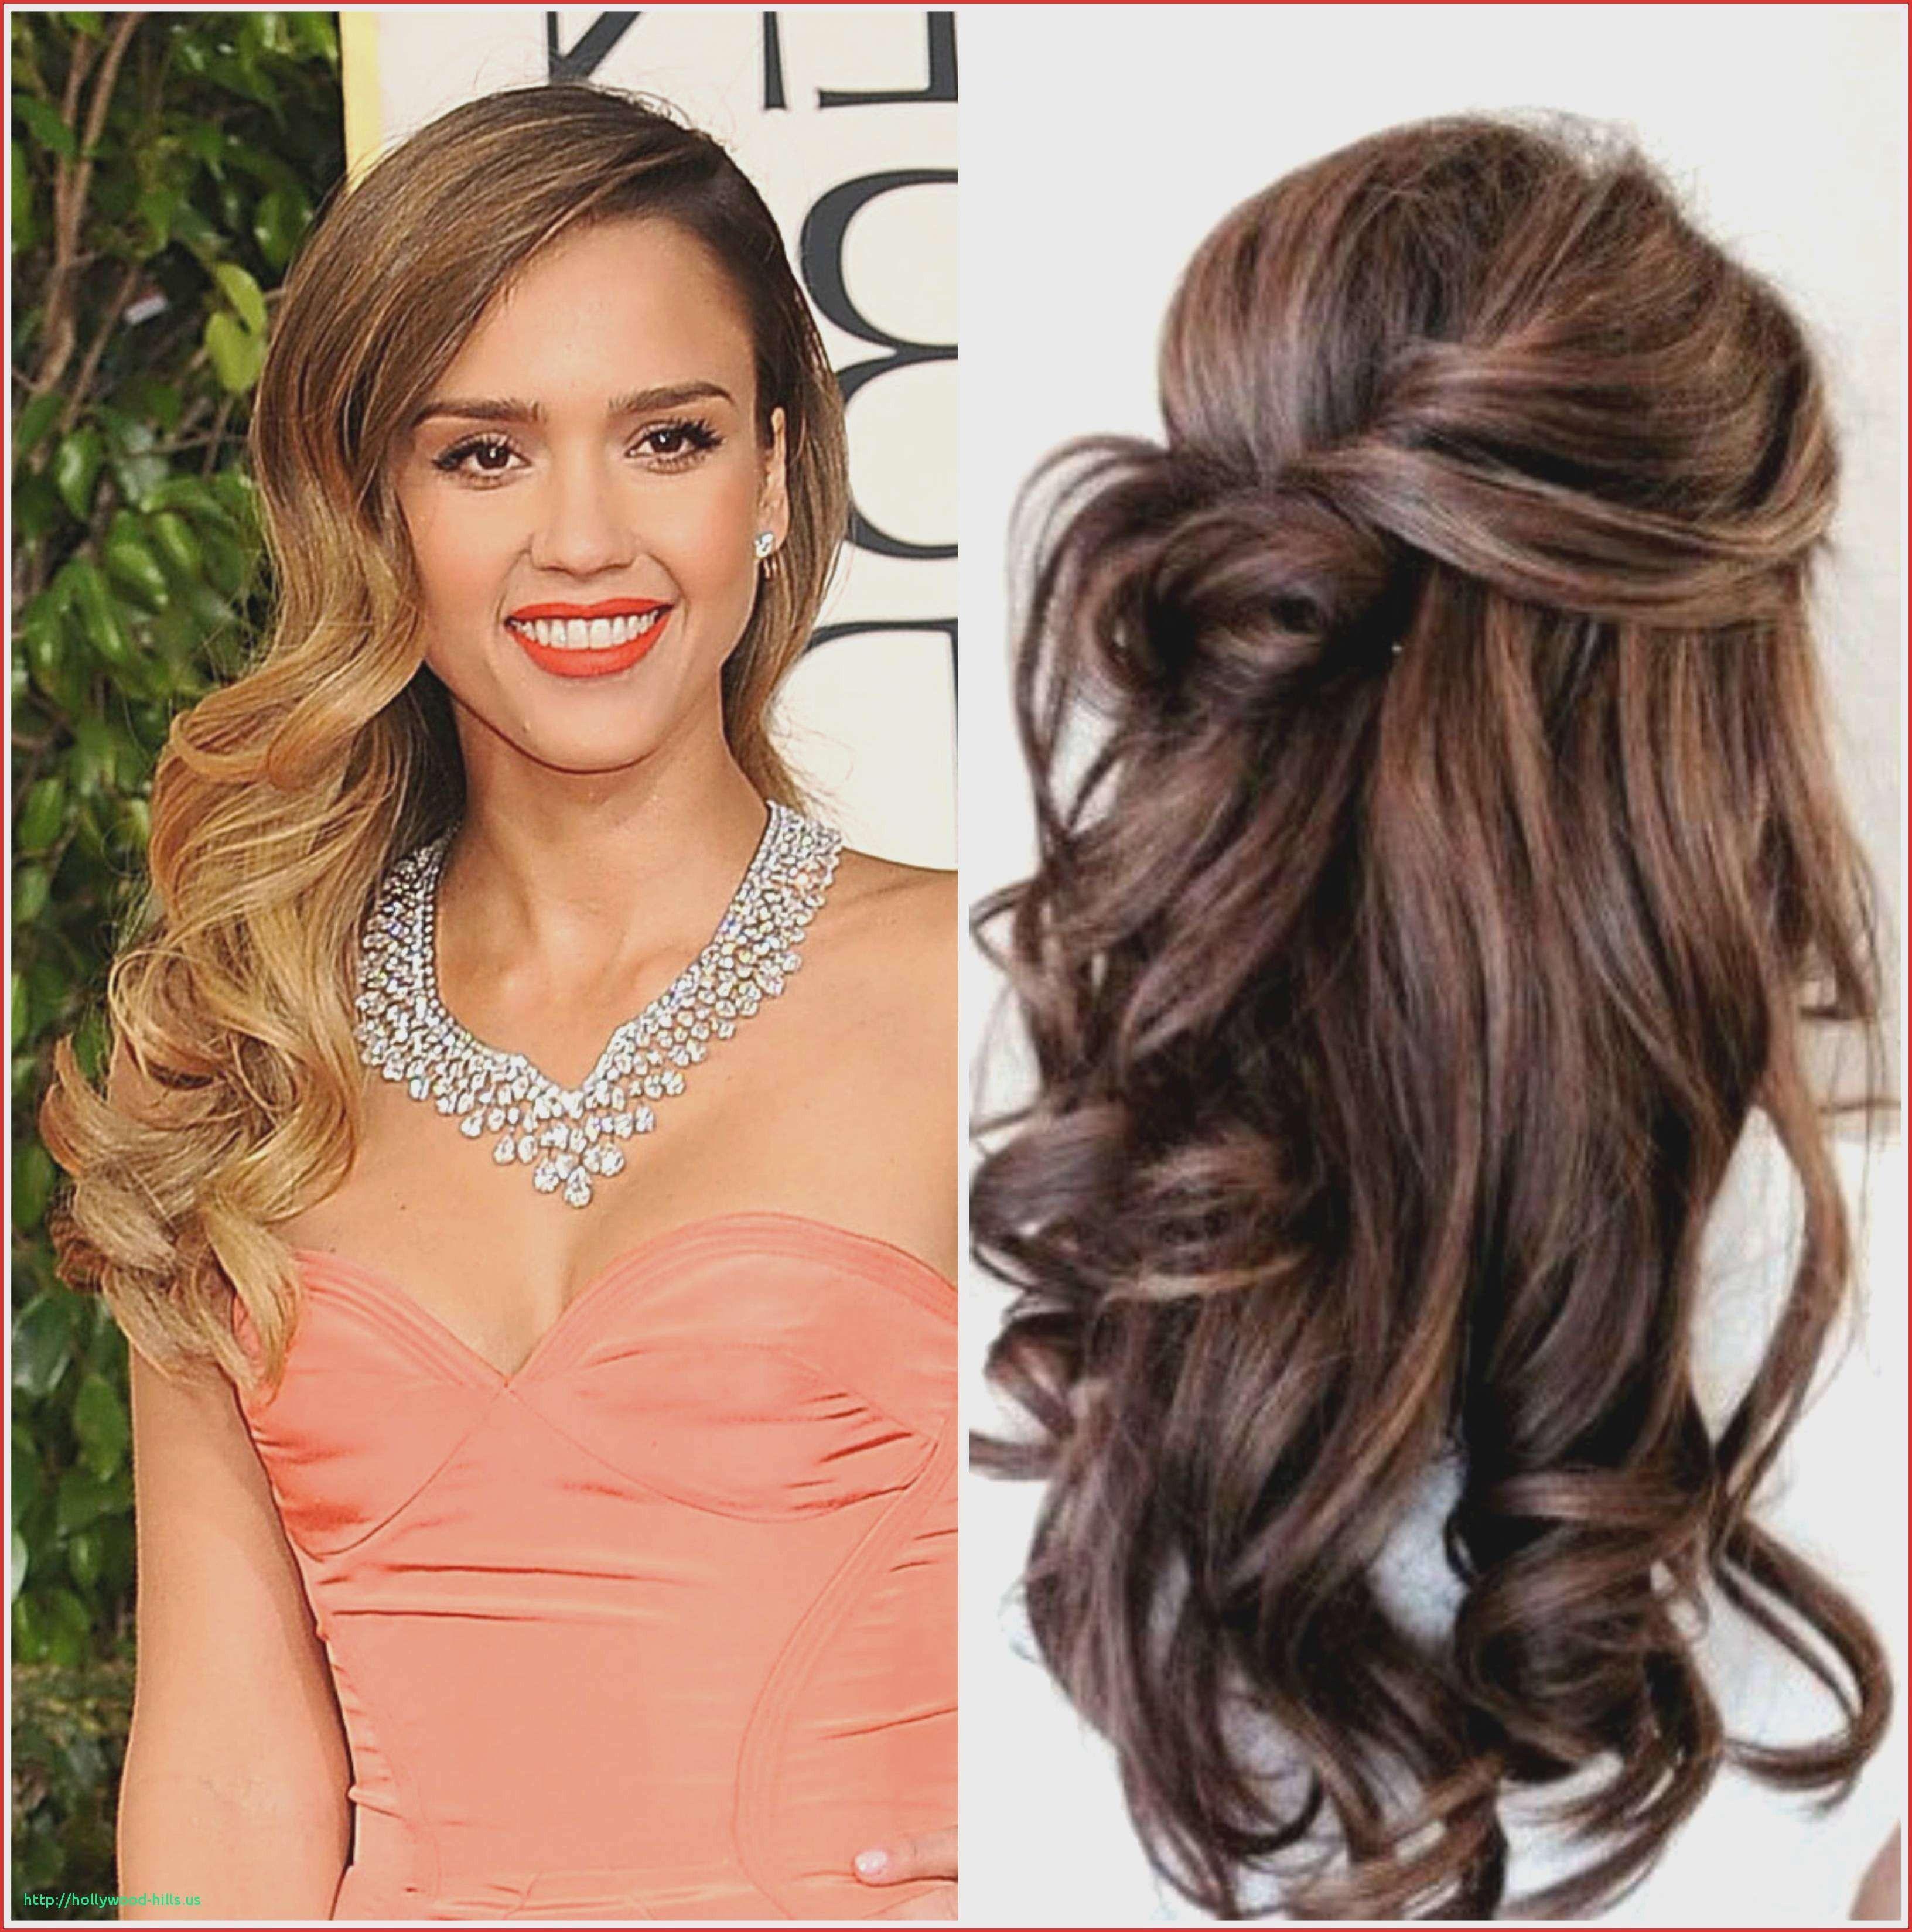 Rene Russo Hairstyles 6556 Luxury Cute Easy Bun Hairstyles For Long Hair Aidasmakeup Medium Hair Styles Medium Length Hair Styles Long Hair Styles Men